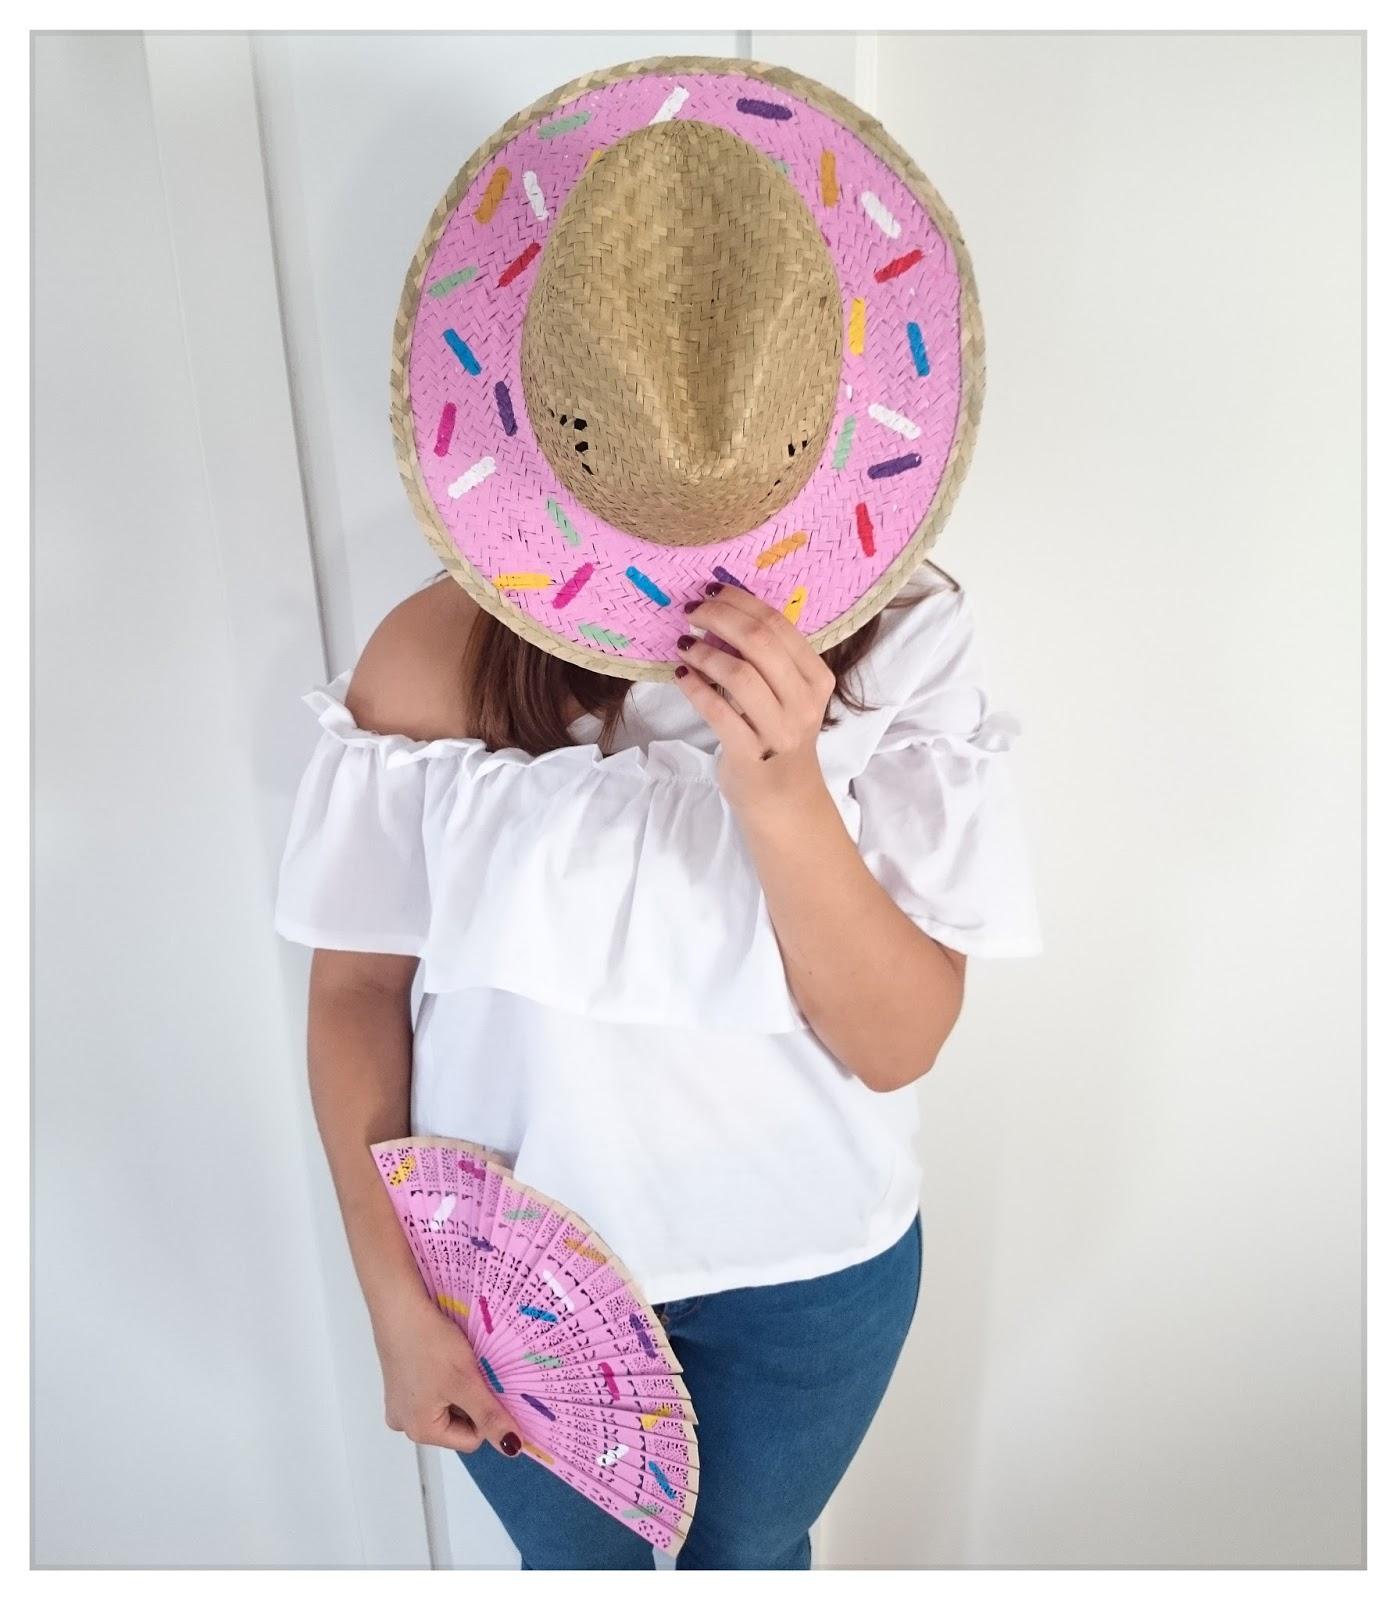 Como customizar un sombrero - Handbox Craft Lovers | Comunidad DIY ...